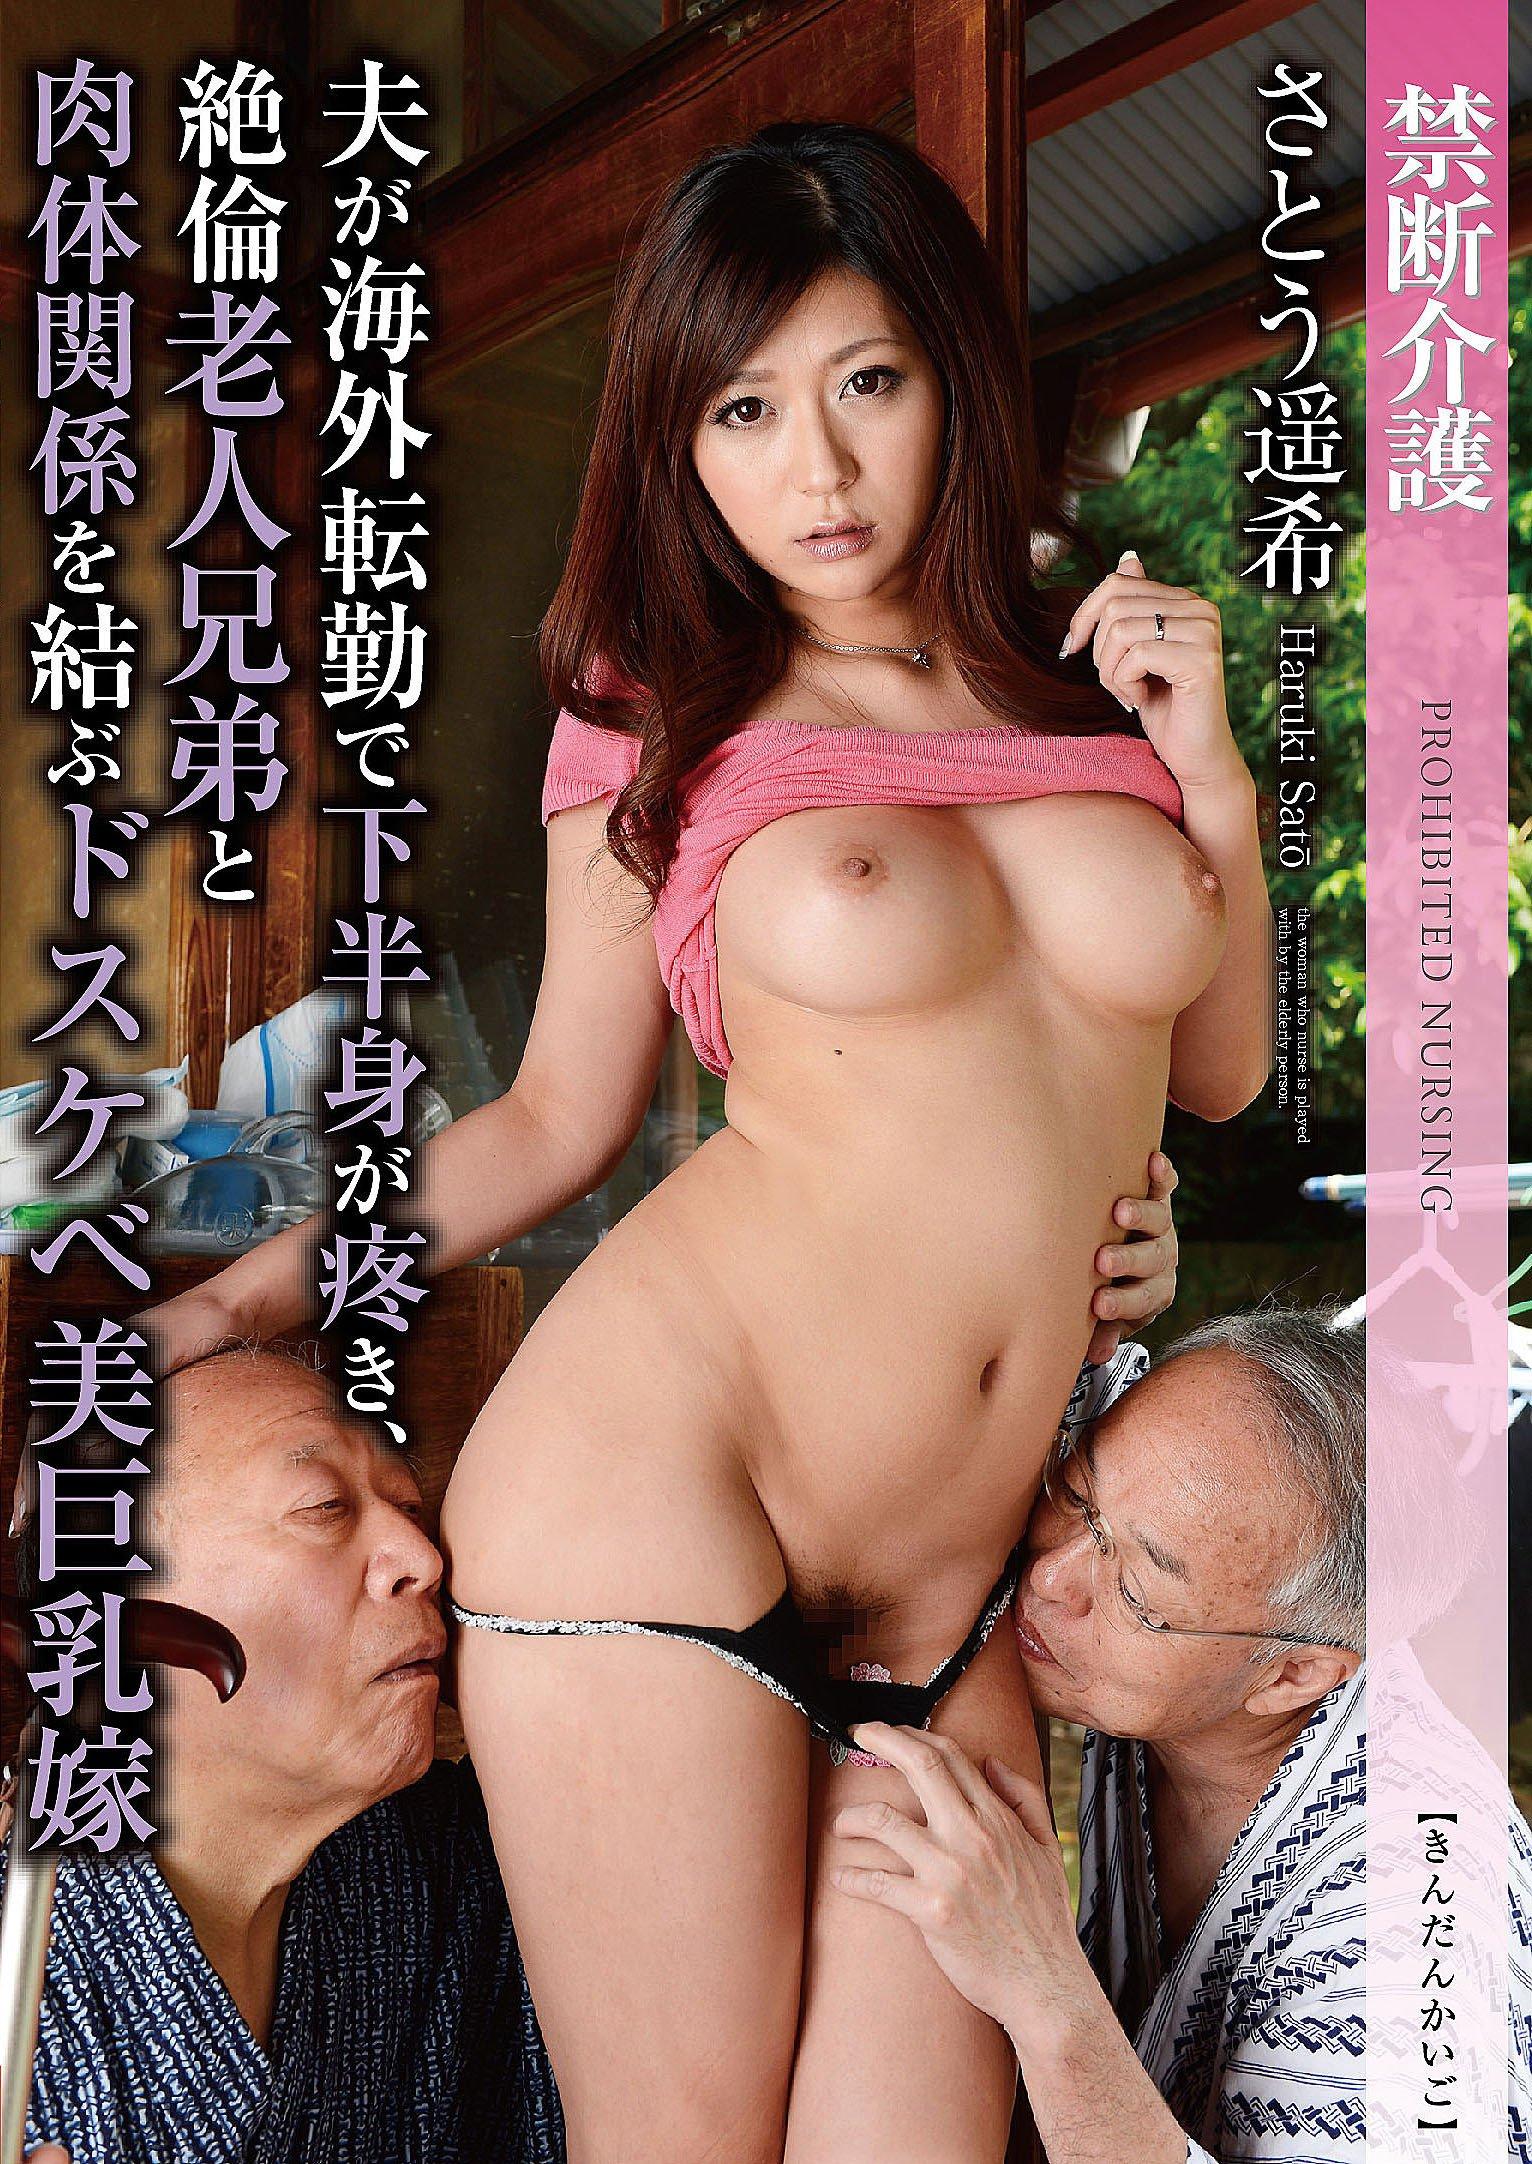 GG-088 Naughty Nurses Haruki Sato